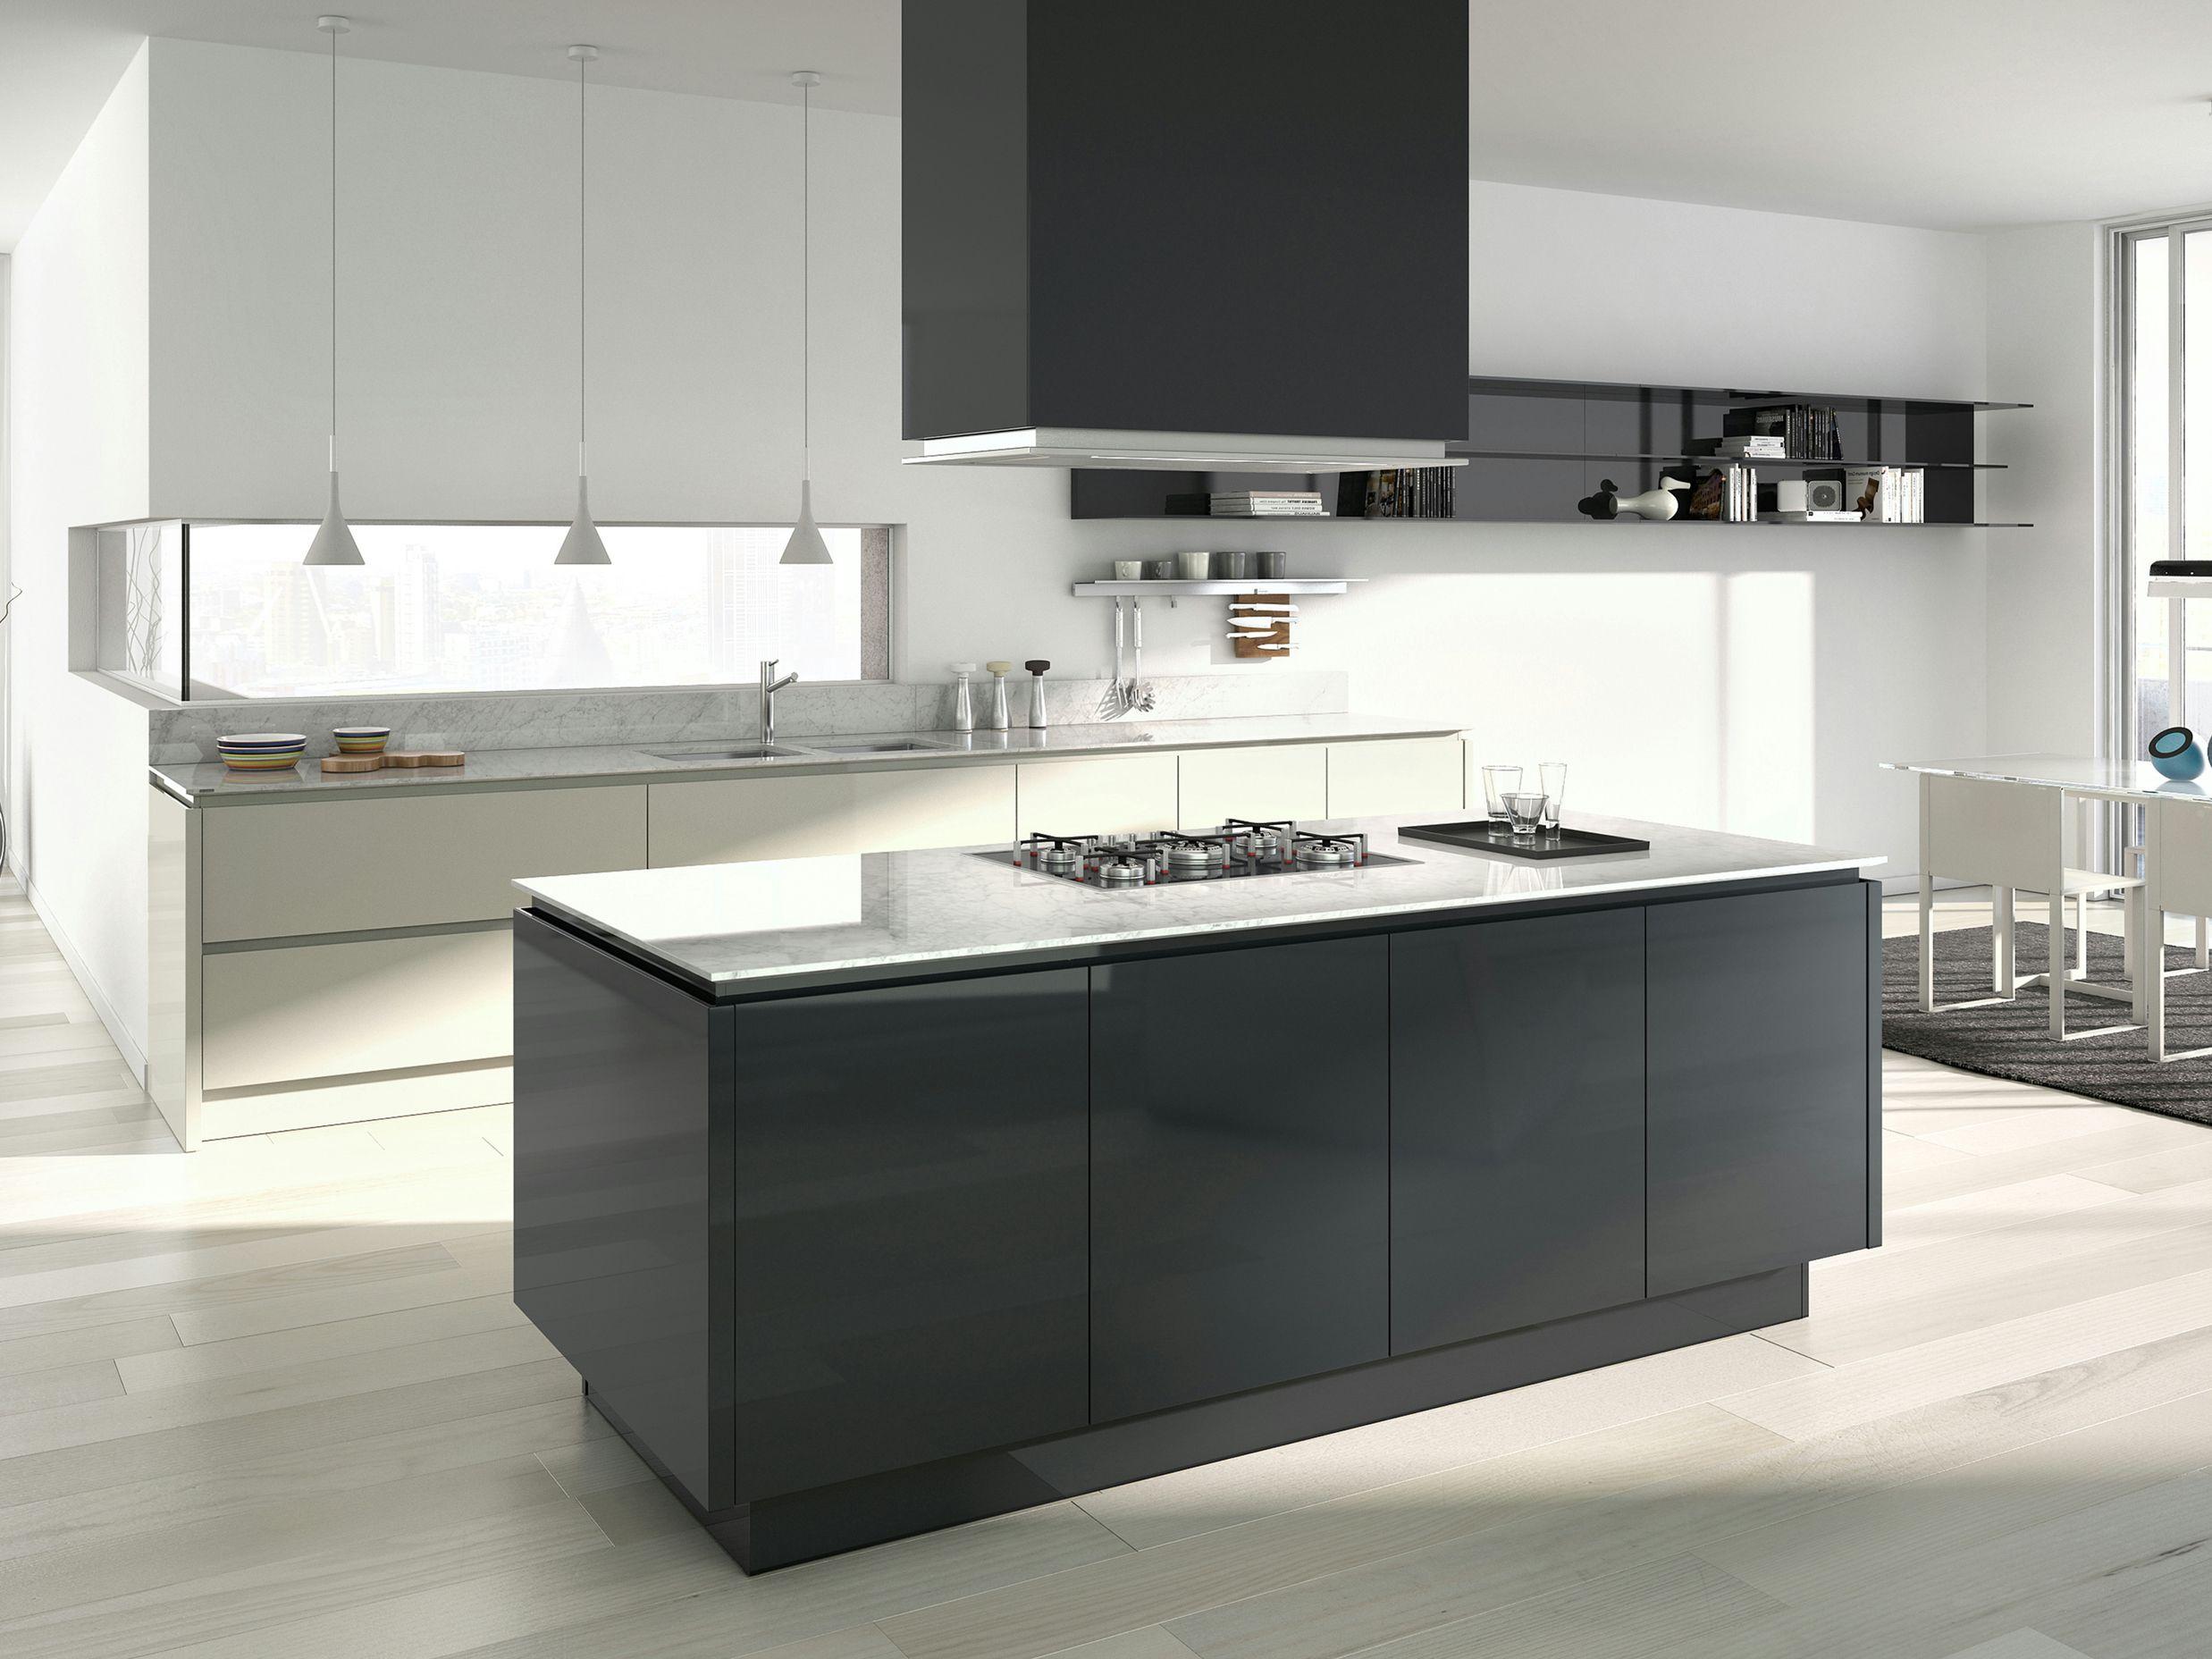 Cucina Laccata Con Maniglie Emetrica By Ernestomeda Design Alessandro Andreucci Christian Hoisl